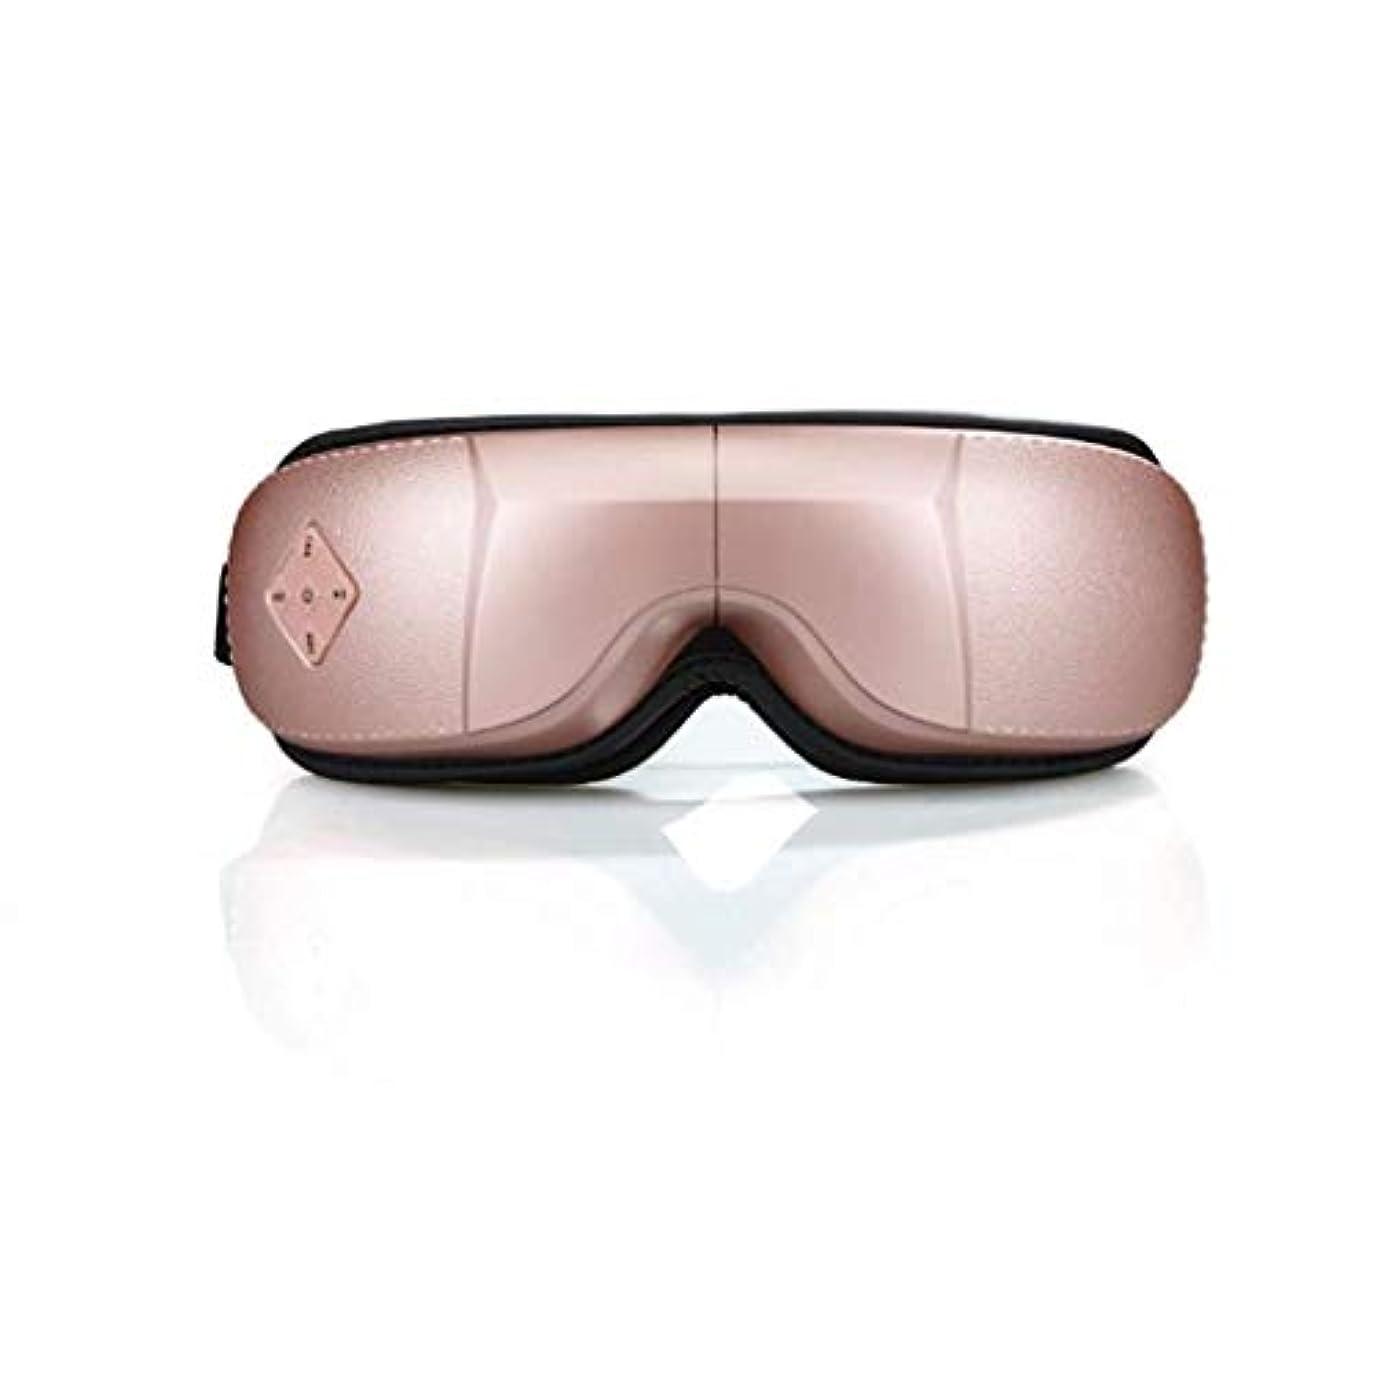 眠っているヒロイン木折り畳み式アイマッサージャー、充電式Bluetooth音楽マッサージャー、振動タッチモニターアイハイパーサーミアマッサージヘルスケアツール、アイバッグ、ダークサークル、頭痛緩和、睡眠改善